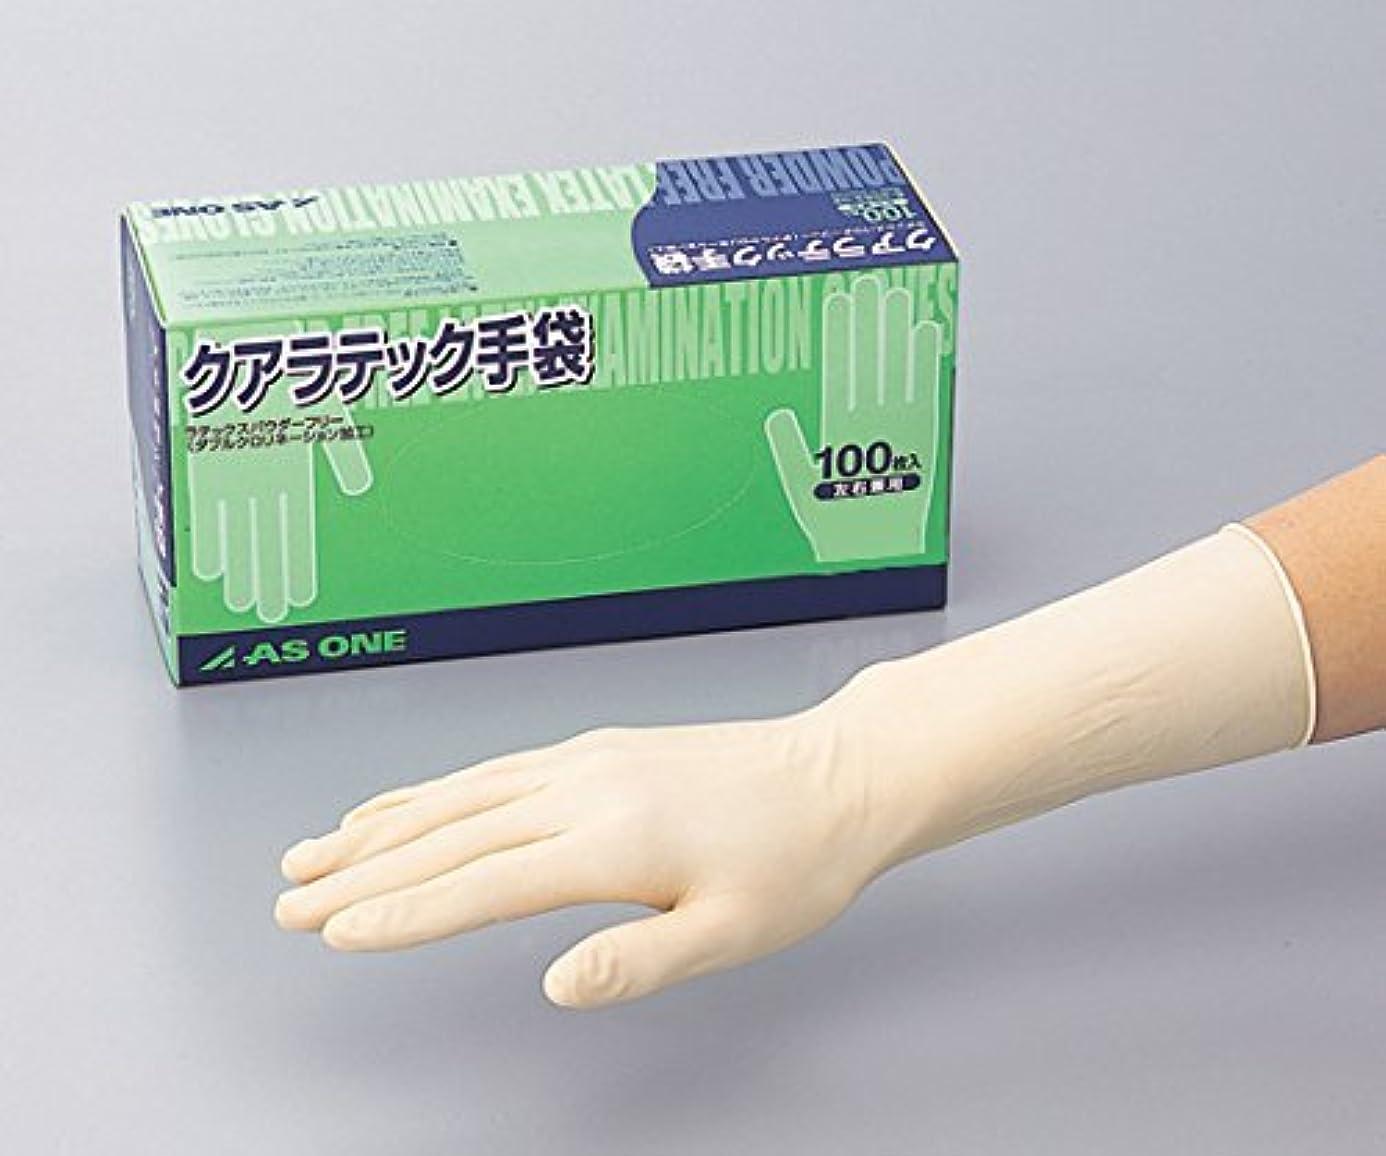 電子レンジ大量信者アズワン8-4053-02クアラテック手袋(DXパウダーフリー)M1箱(100枚入)